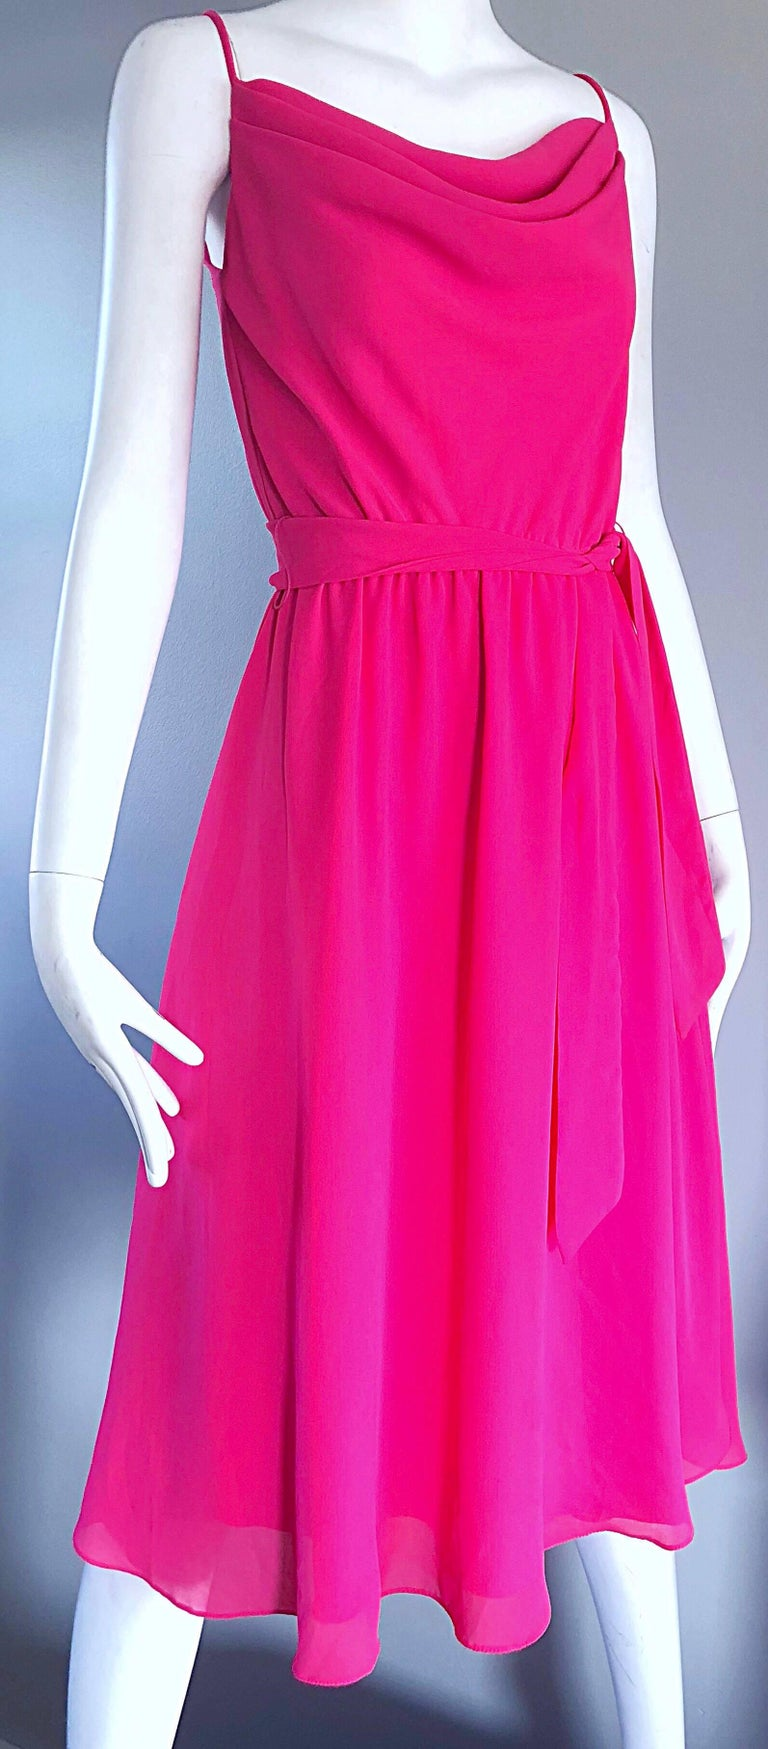 1970s Phillipe Jodur for Ferrali Hot Pink Crepe Sleeveless Belted Disco Dress For Sale 4